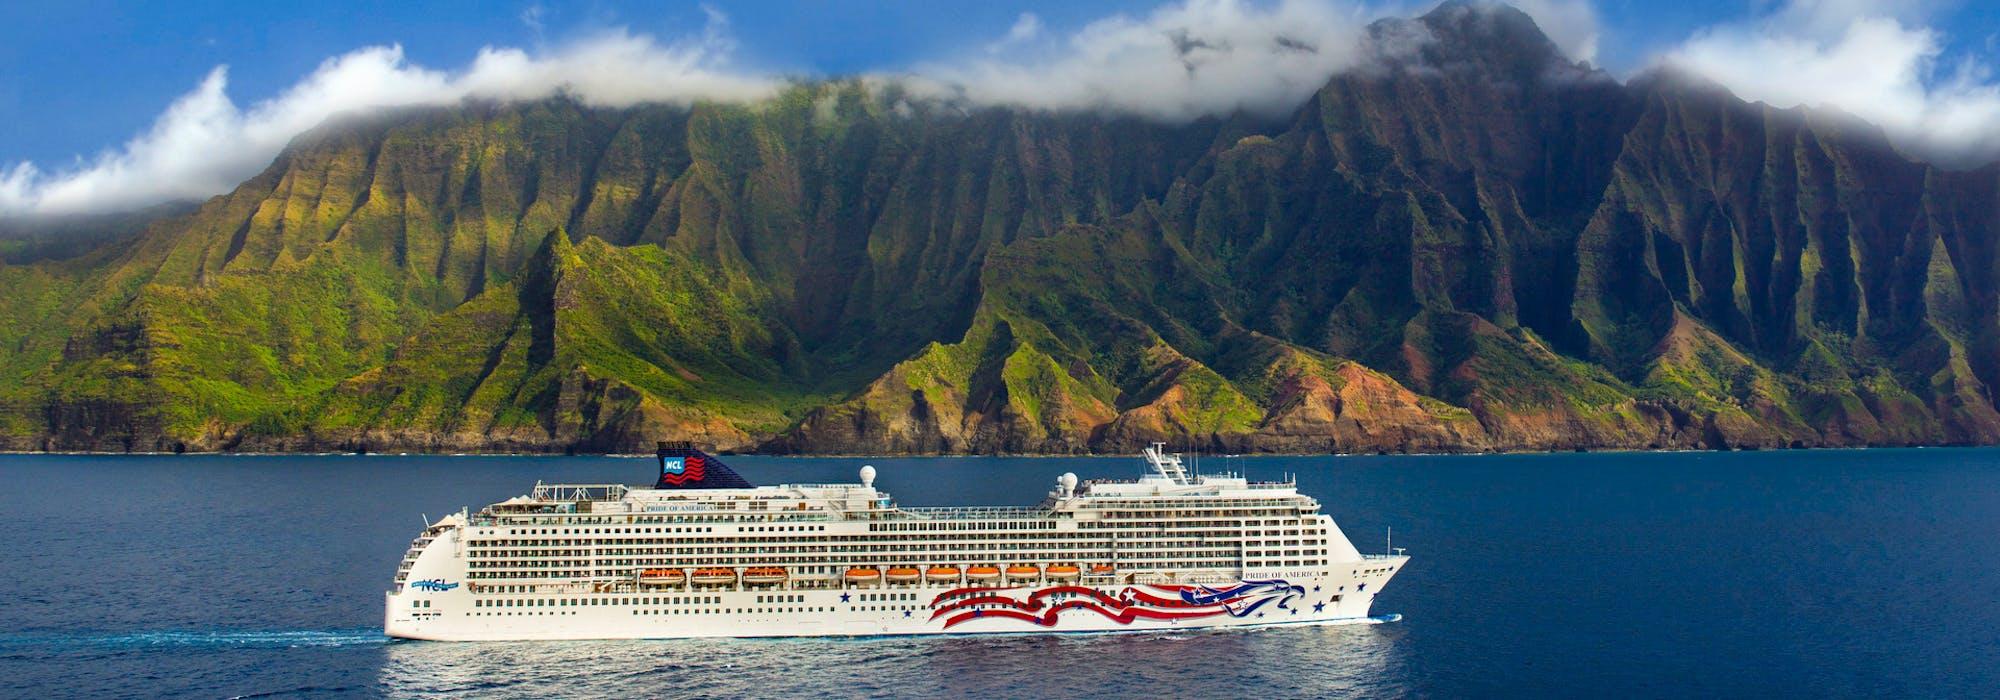 Fartyget Pride of America kryssas i det kristallblå vattnet utanför Hawaiis kust med storslagen natur och berg i bakgrunden.